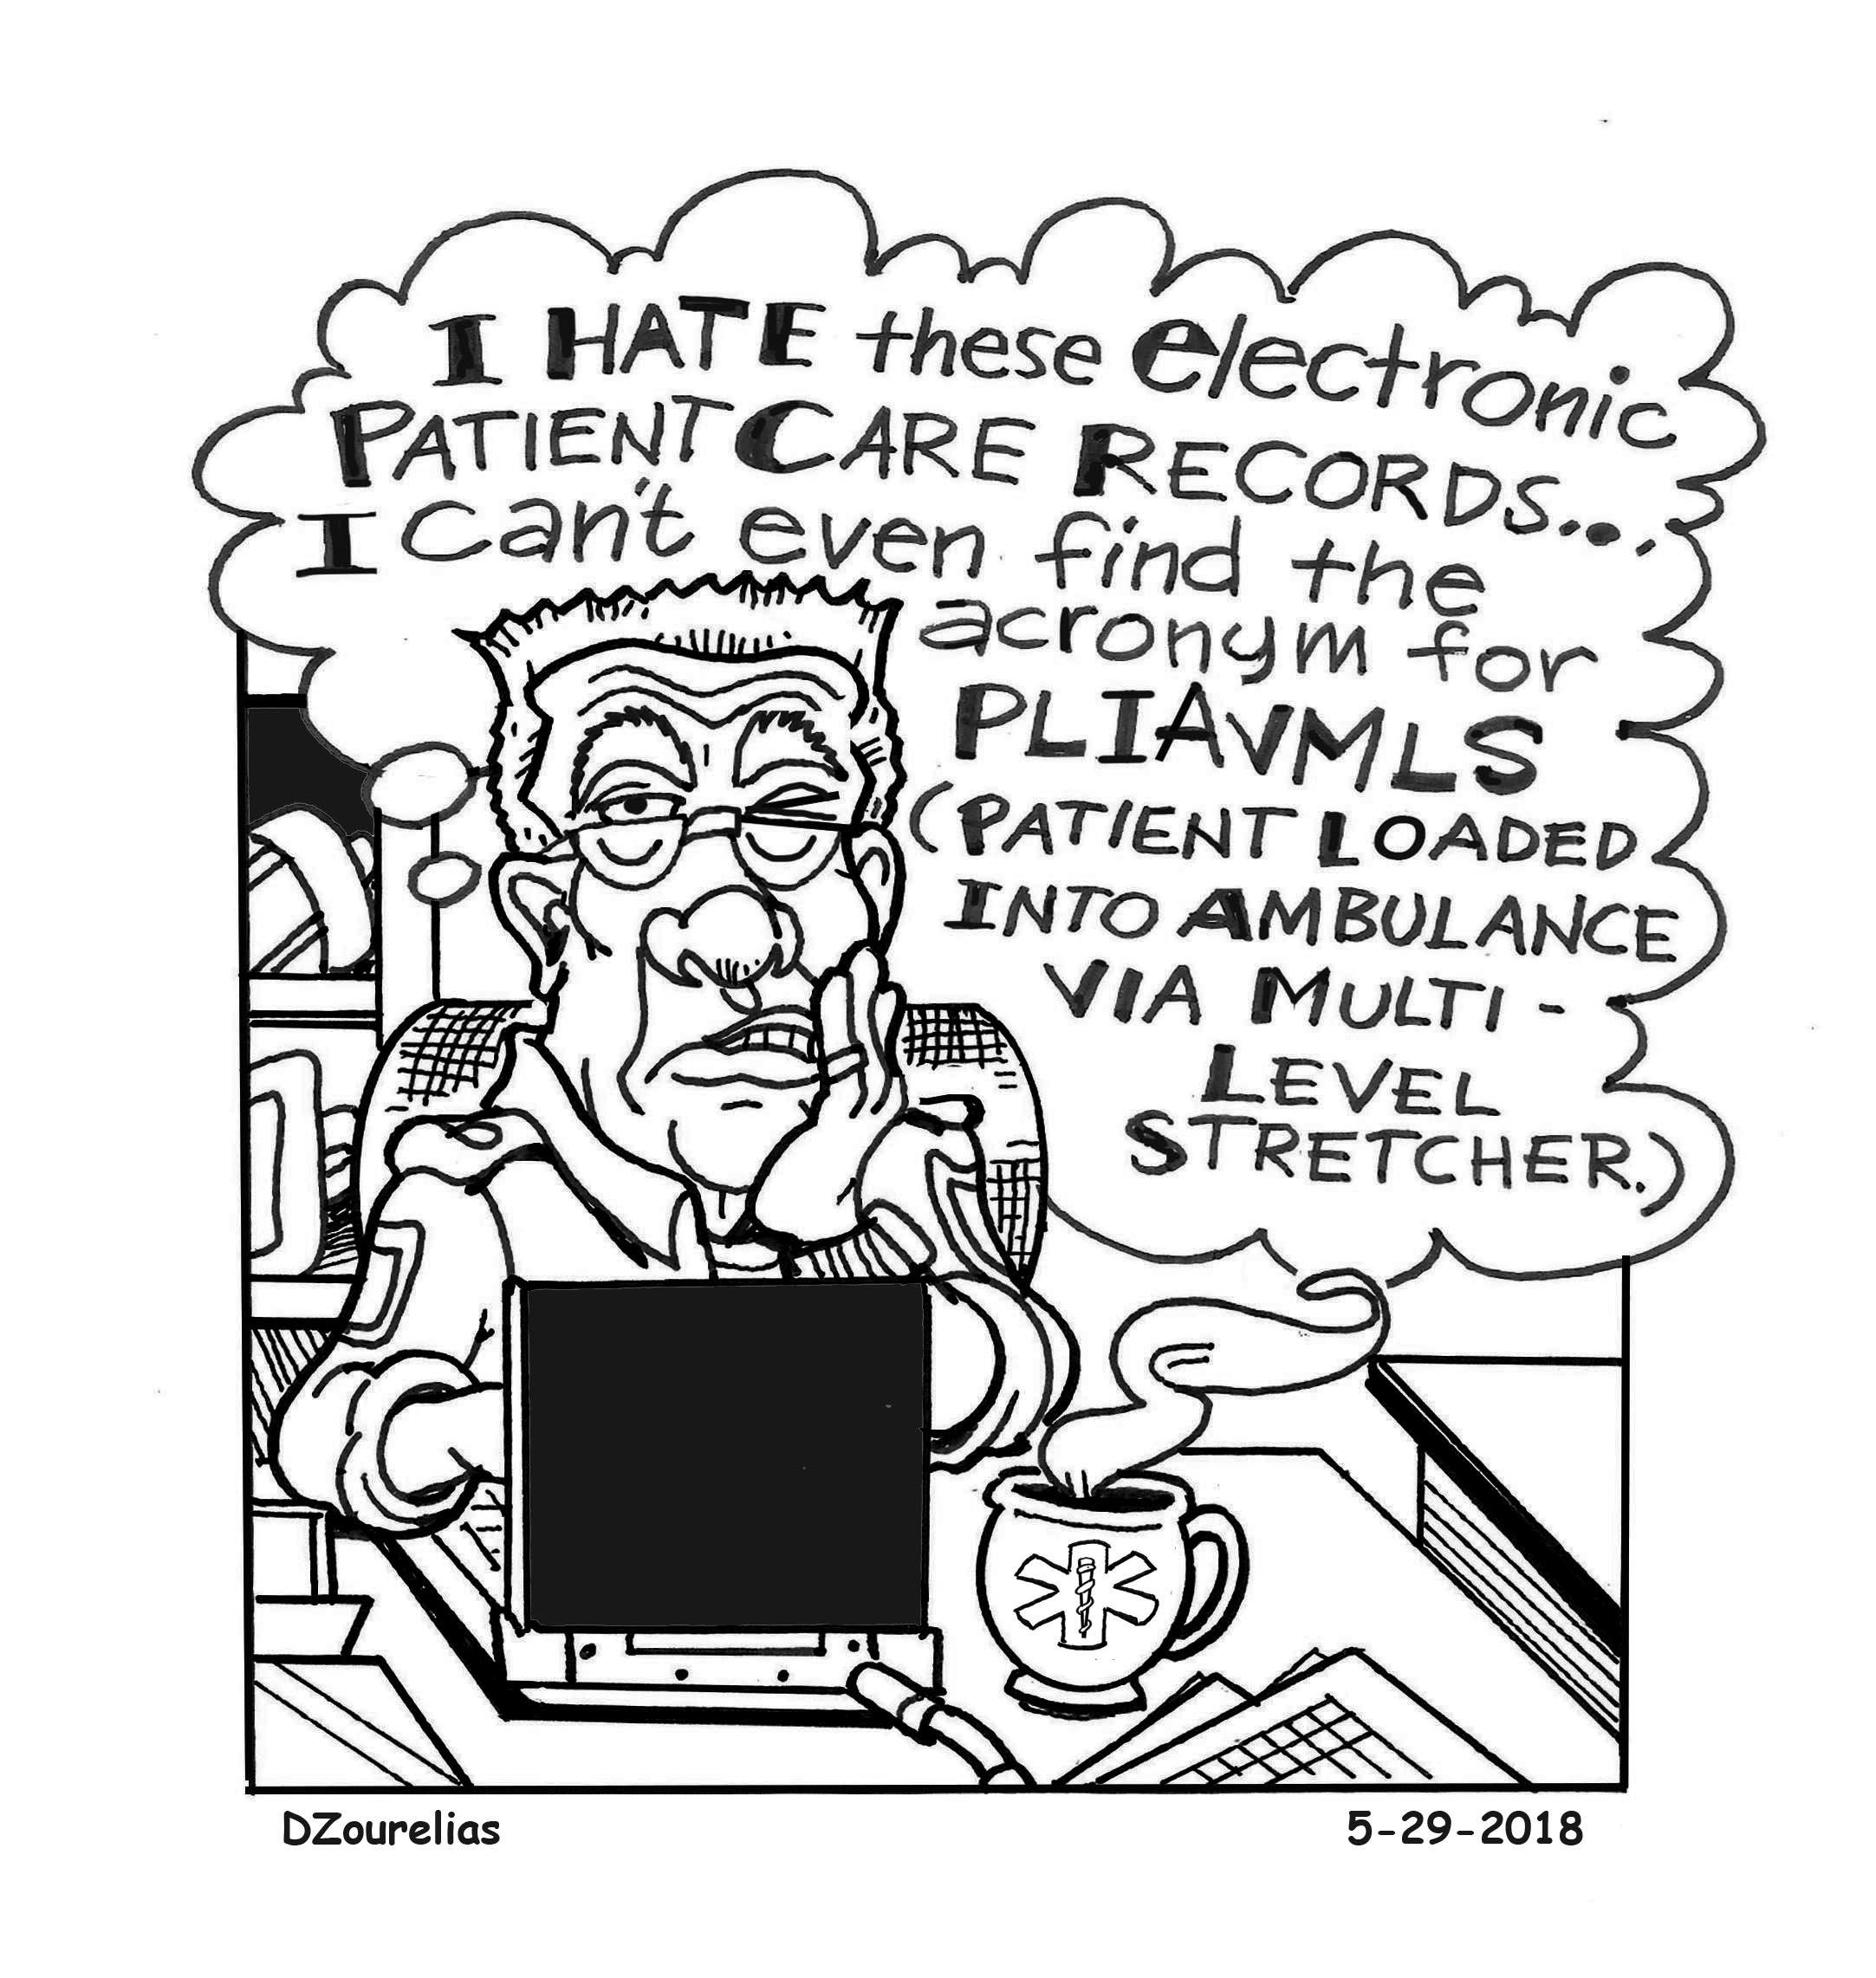 EMS Cartoon 4 final (1)